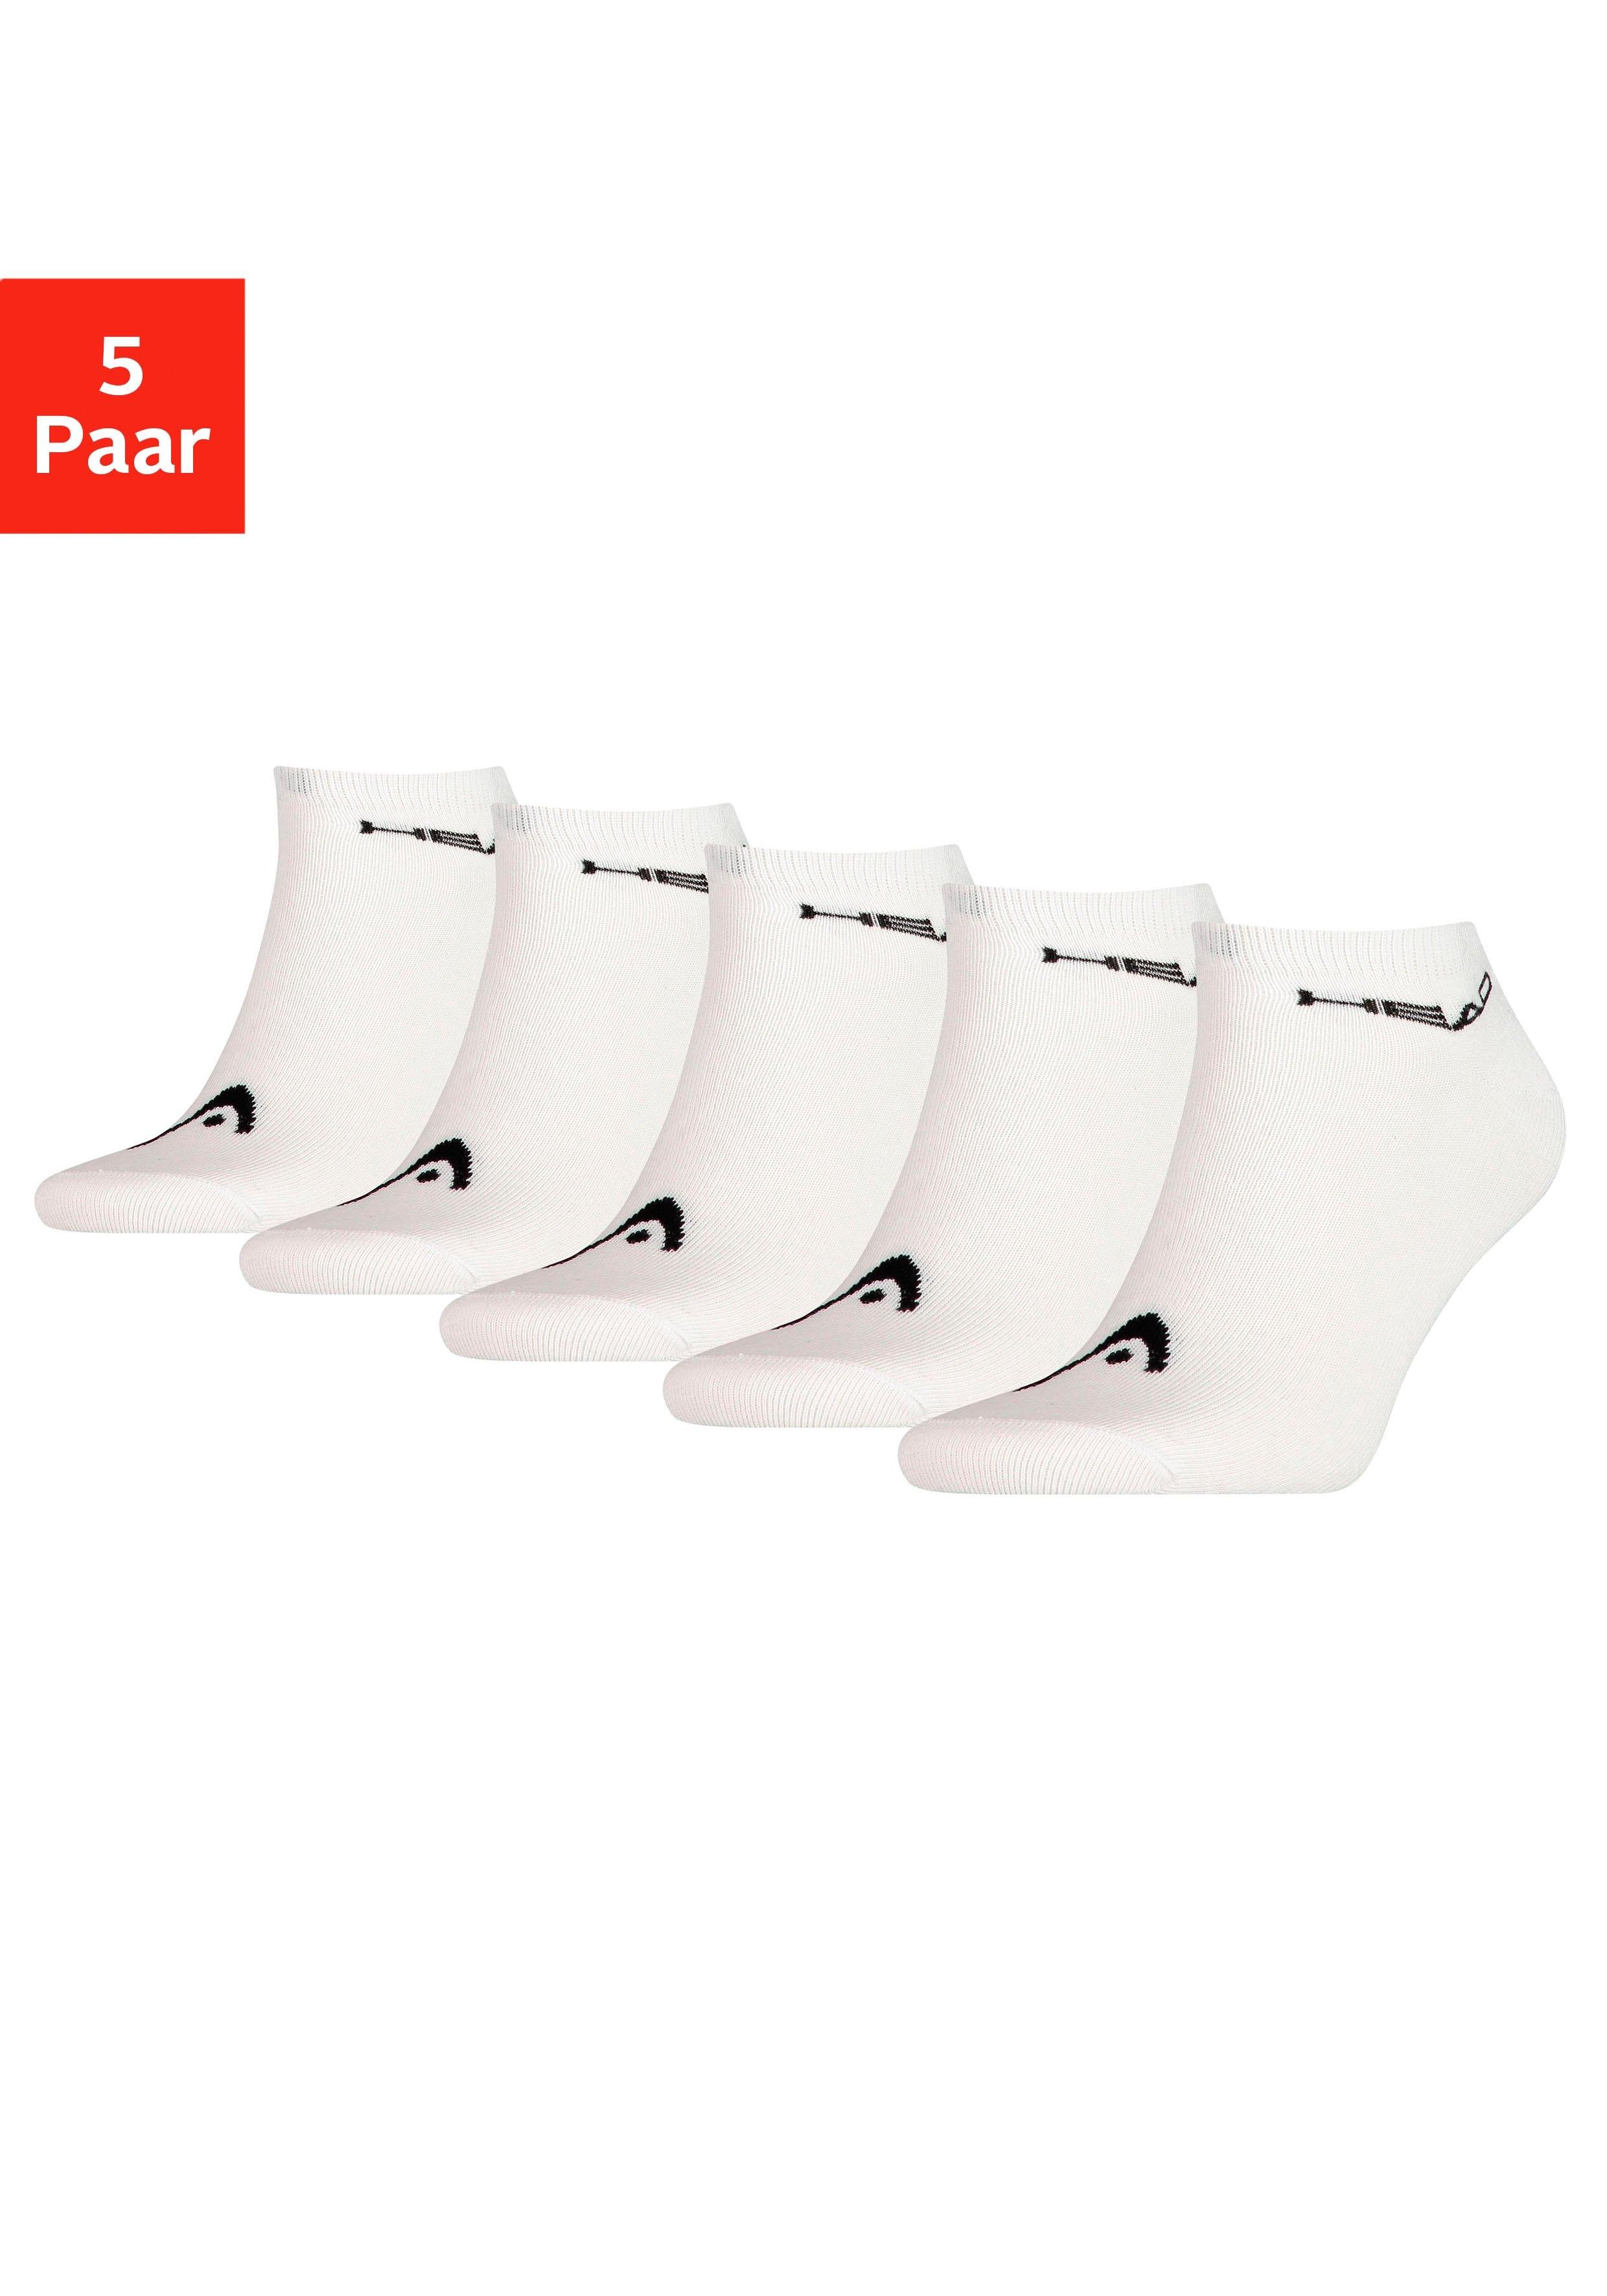 Head sneakersokken met logo-opschrift bij de boord (5 paar) veilig op lascana.nl kopen